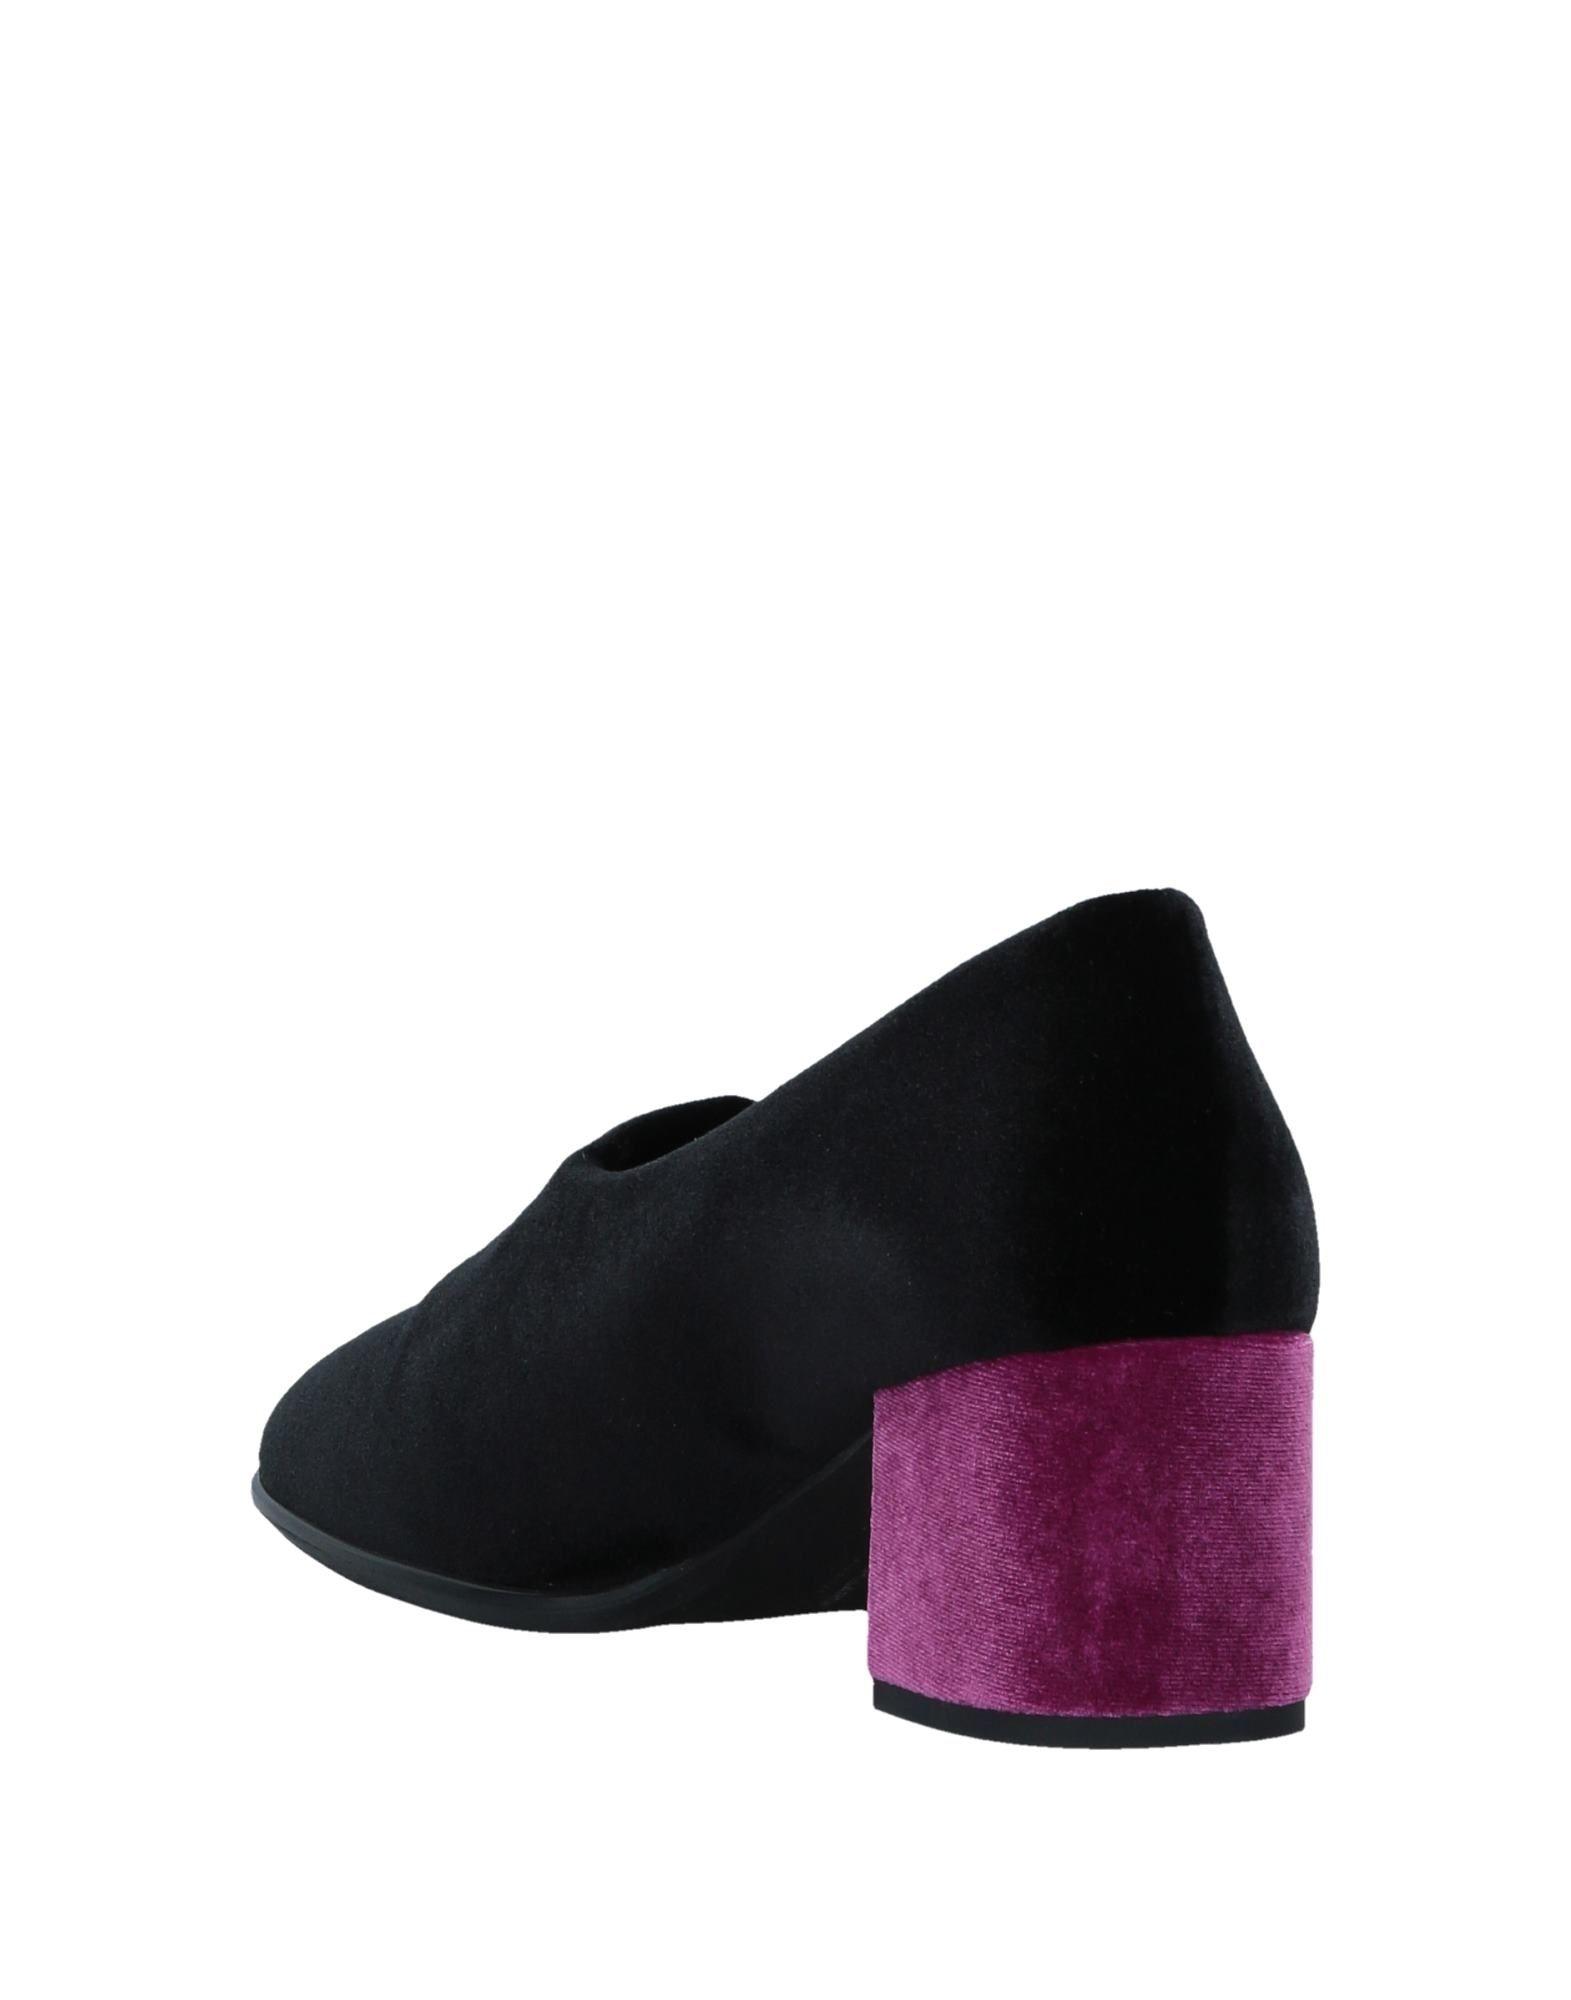 Nr Rapisardi Pumps Damen  Schuhe 11504799SC Gute Qualität beliebte Schuhe  d44566